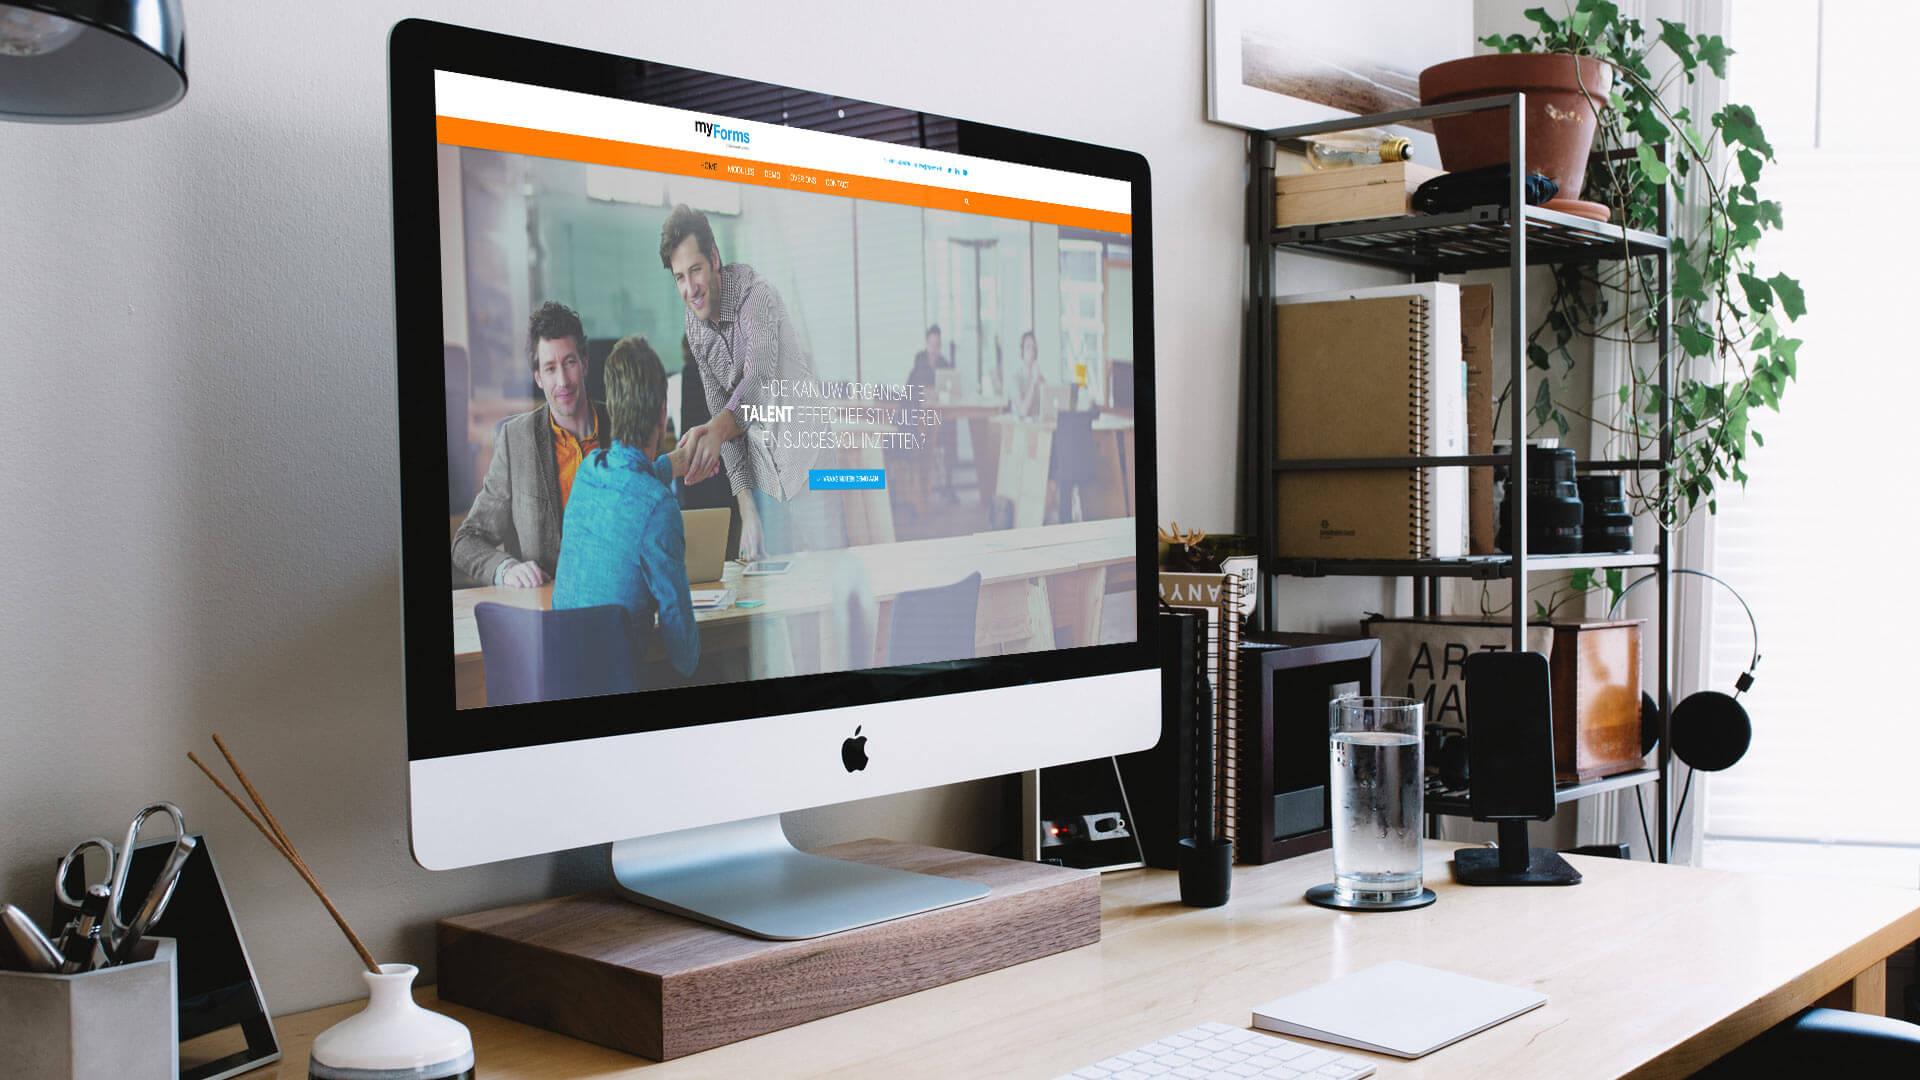 Webdesign van visuele content voor websites